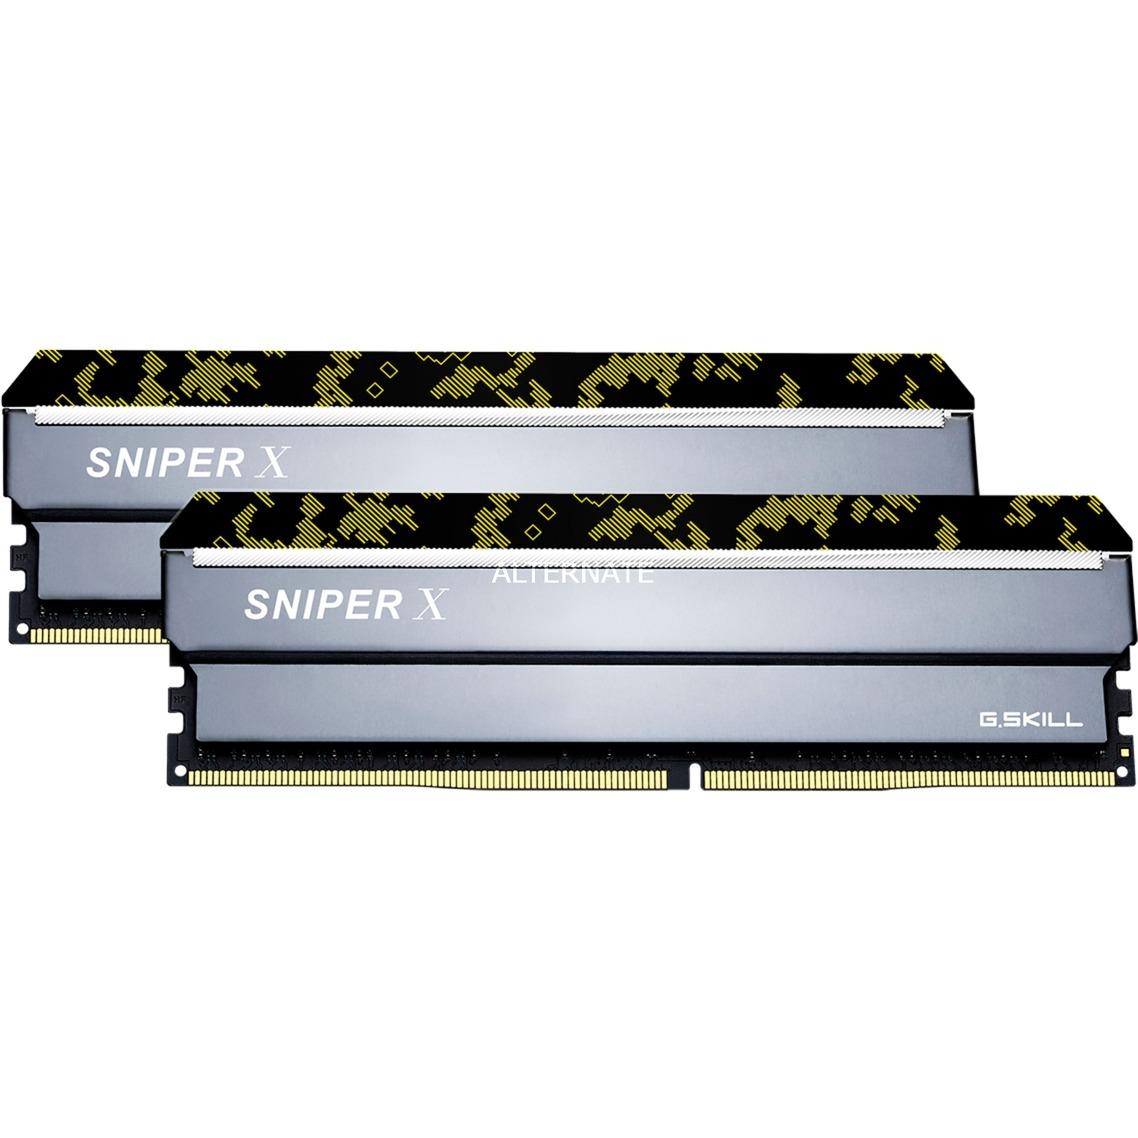 Sniper X 16Go DDR4 3600MHz module de mémoire